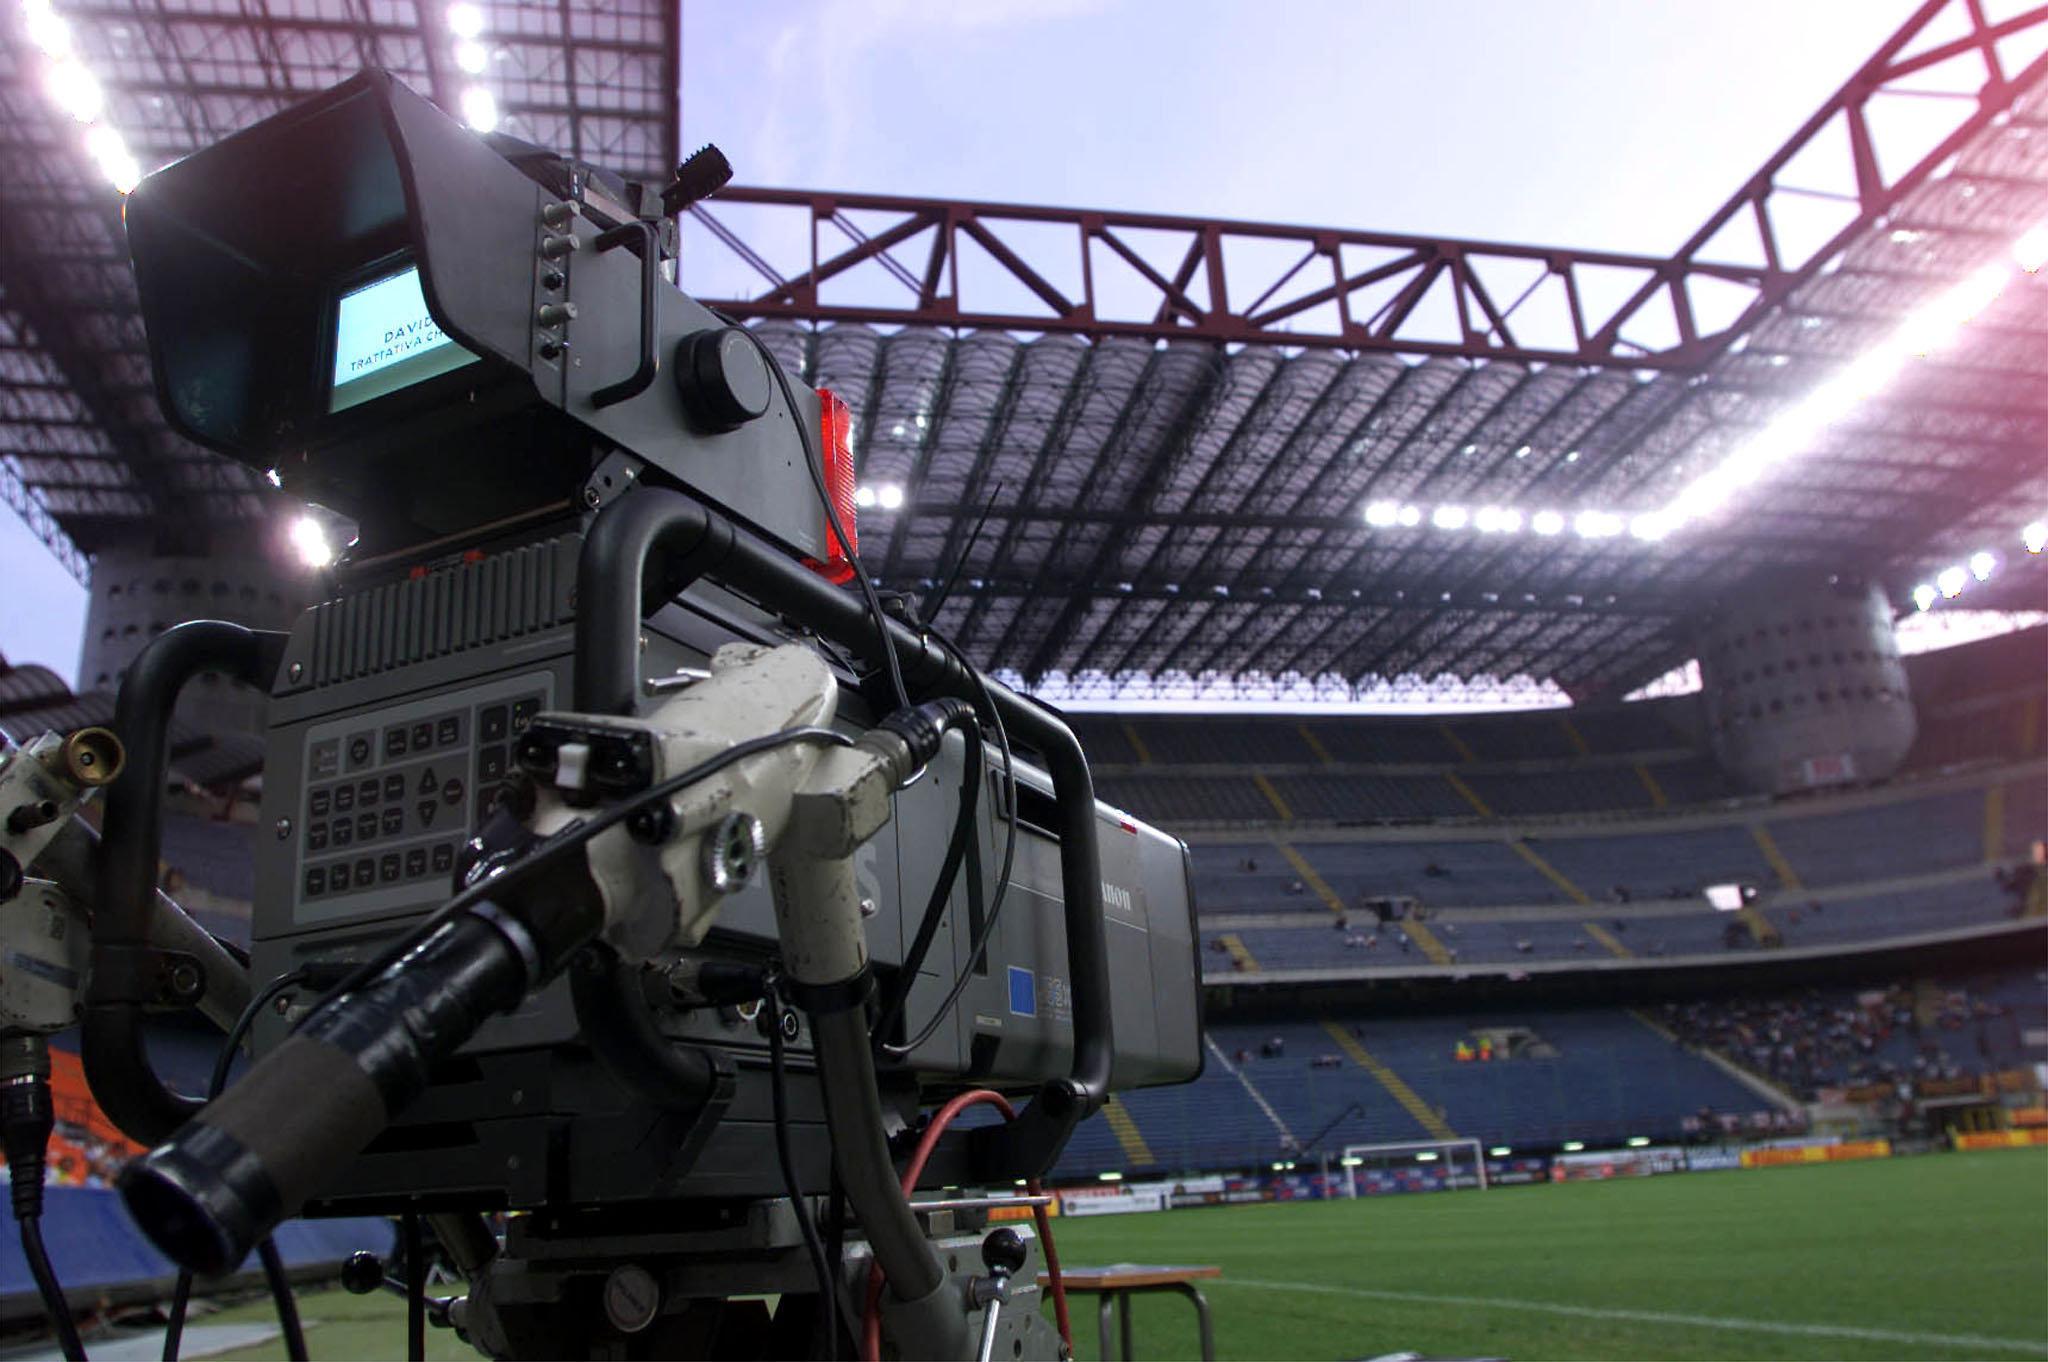 Juventus Inter in chiaro? Ecco come vederla in tv